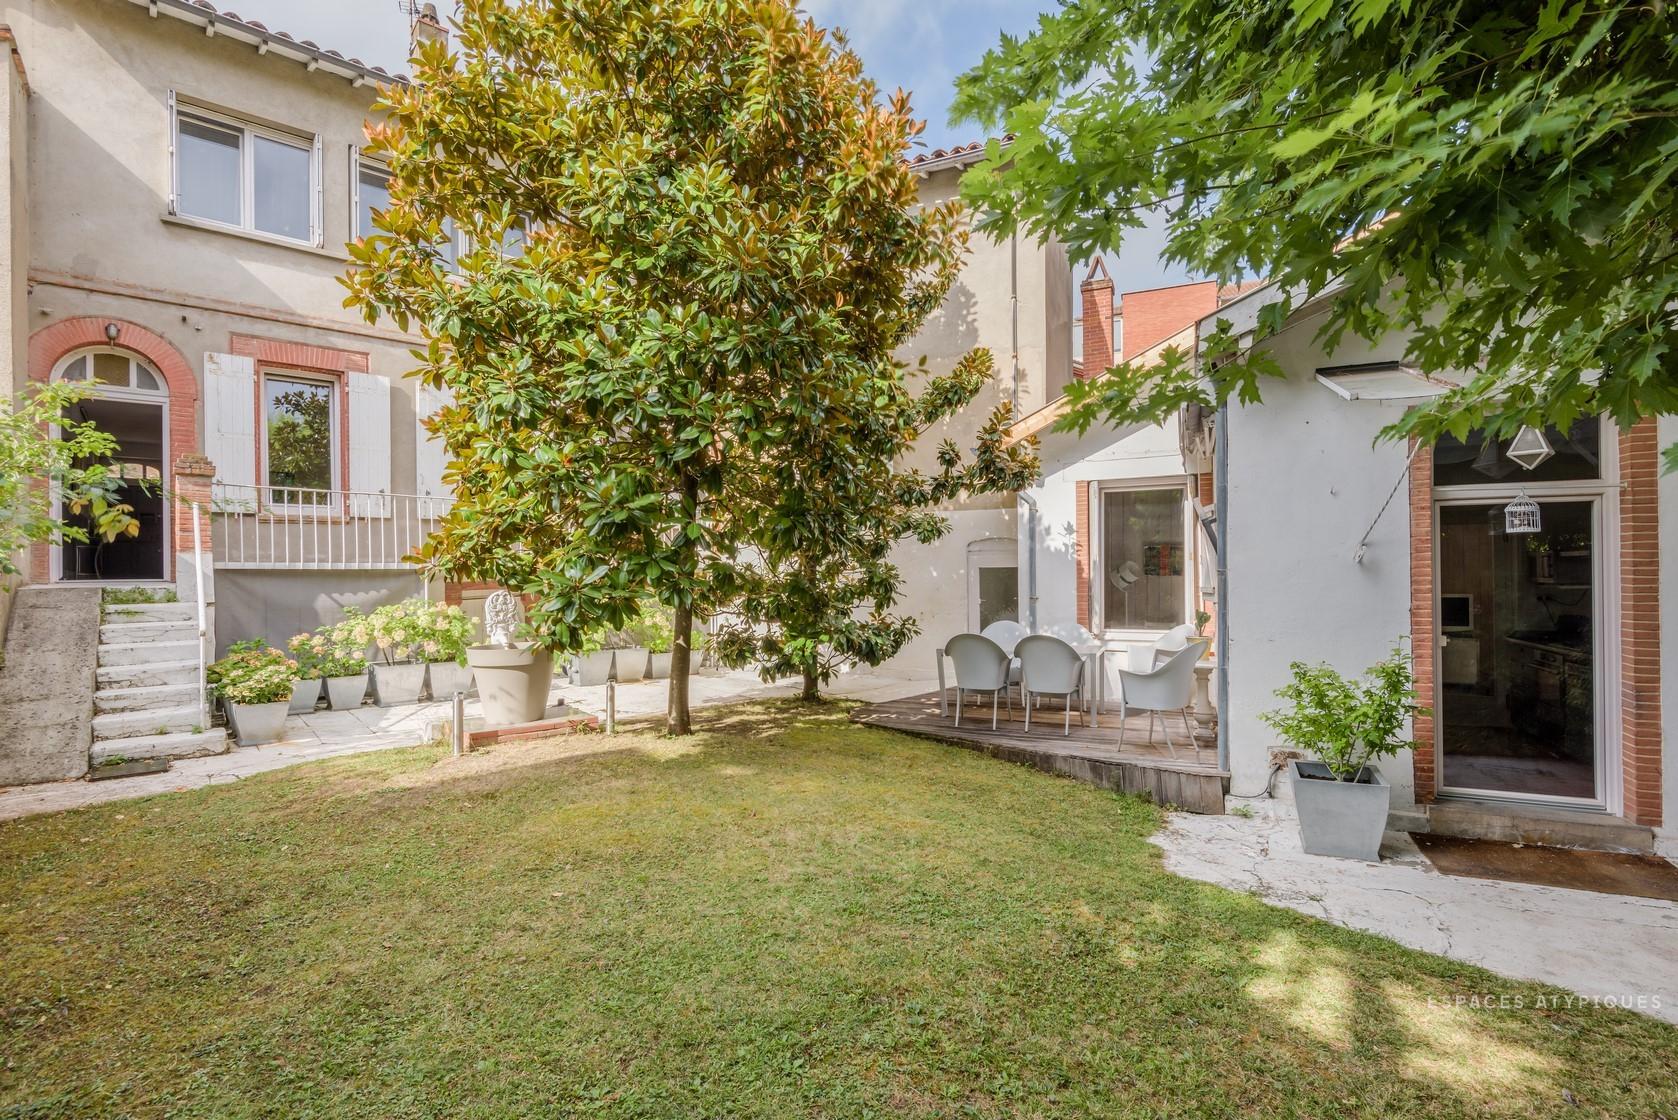 Maison Rénovée De 220M² Avec Jardin De 150M² À Toulouse tout Location Maison Jardin Toulouse